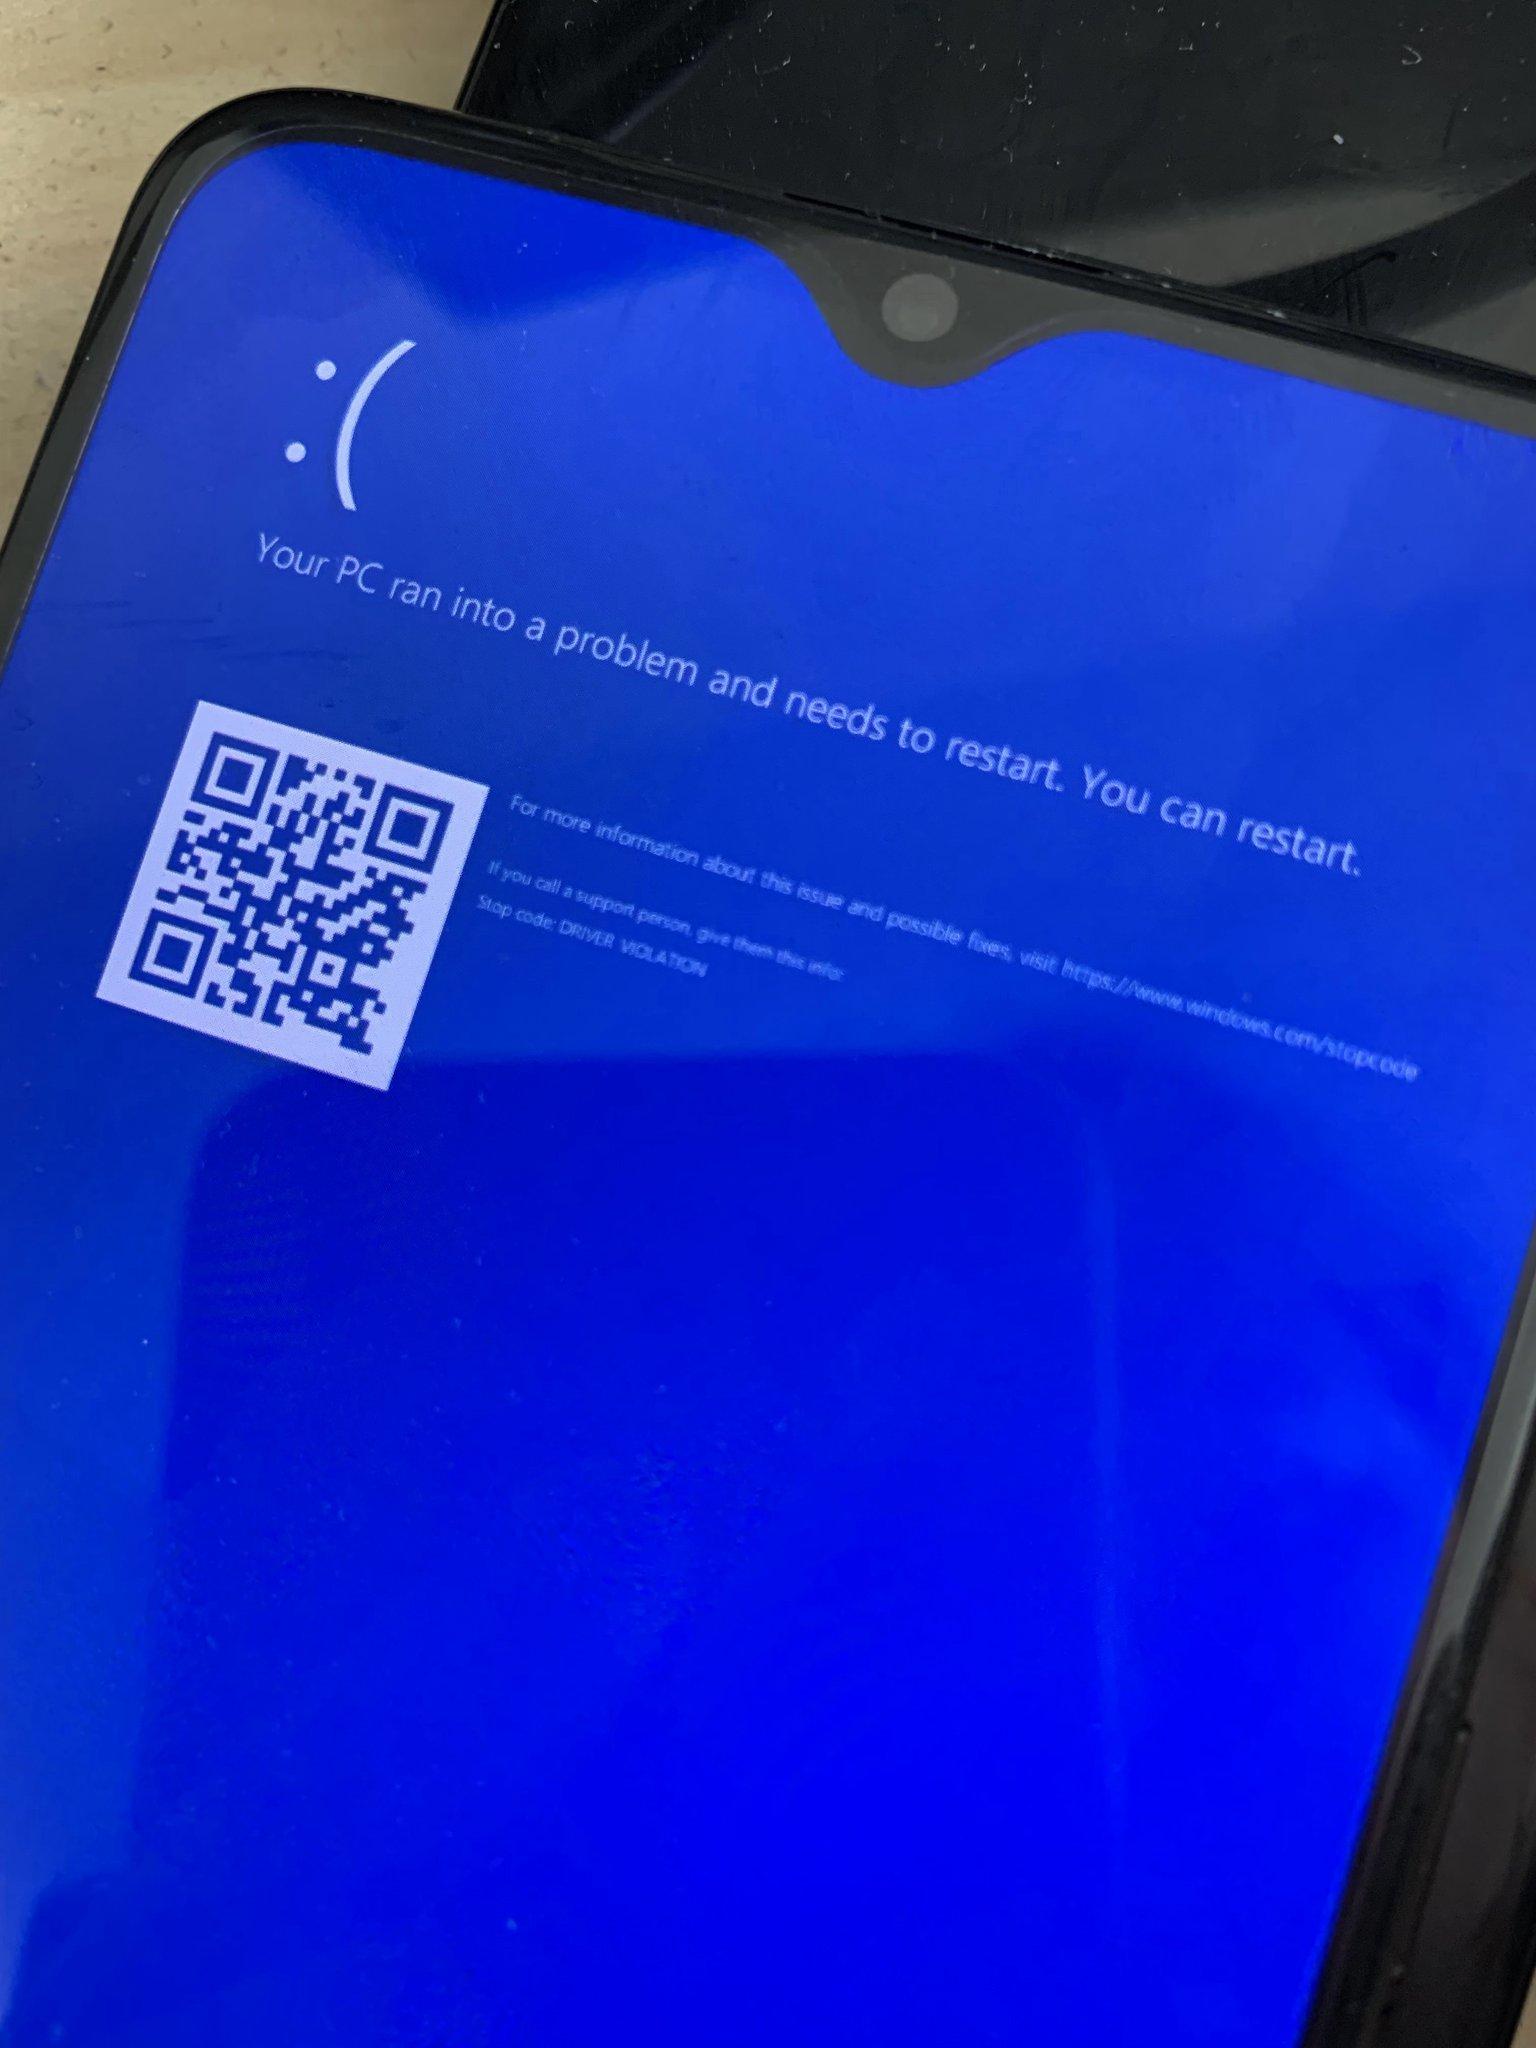 ويندوز 10 - OnePlus 6T